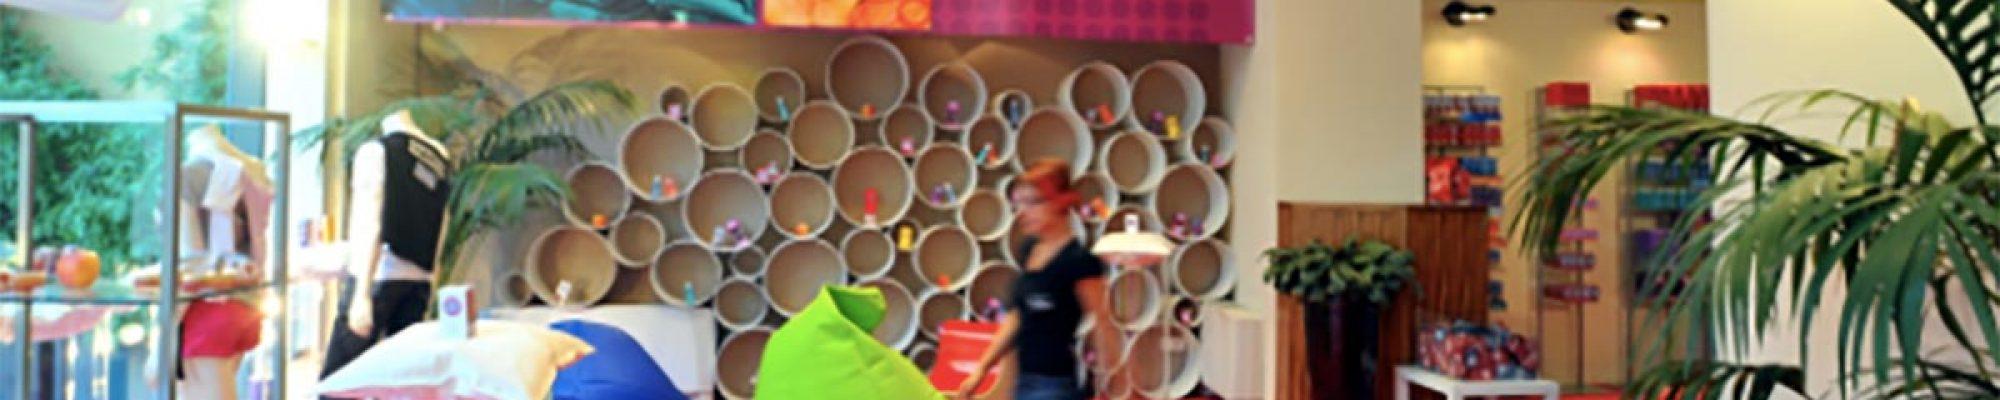 temporary-store-shop-milano-corso-garibaldi-evento-durex-allestimento-pop-up-noleggio